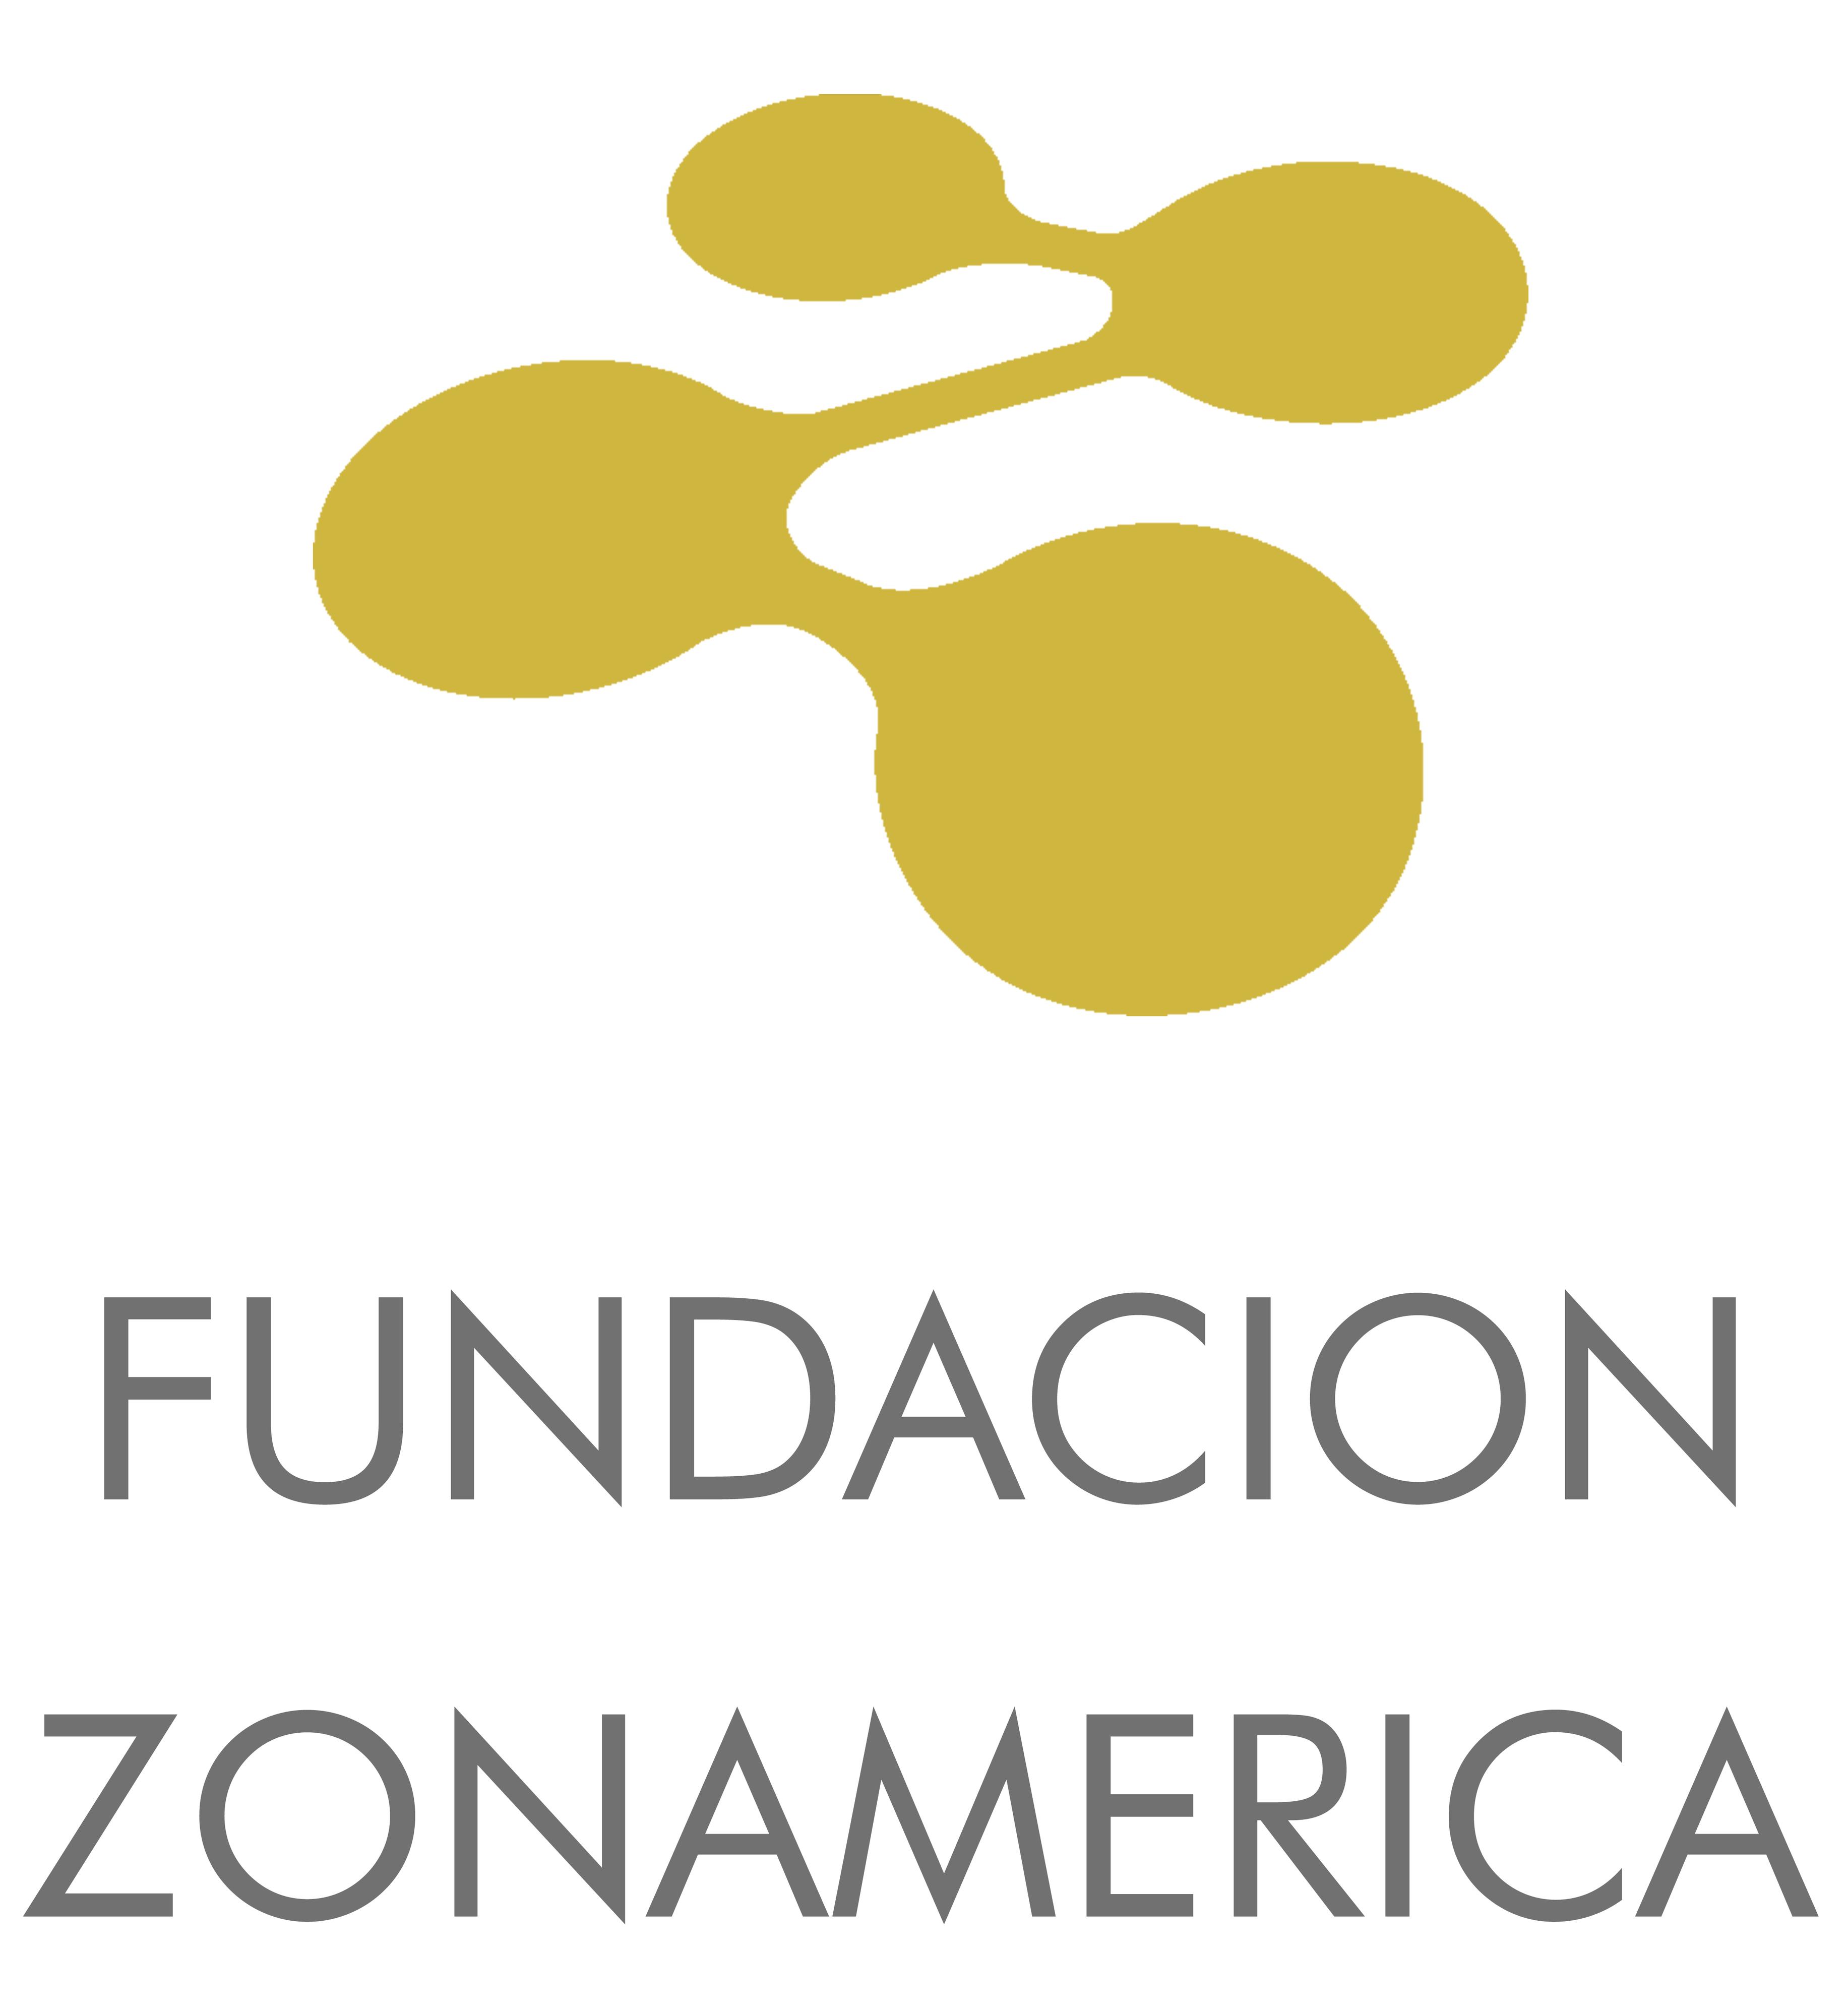 Fundación Zonamerica